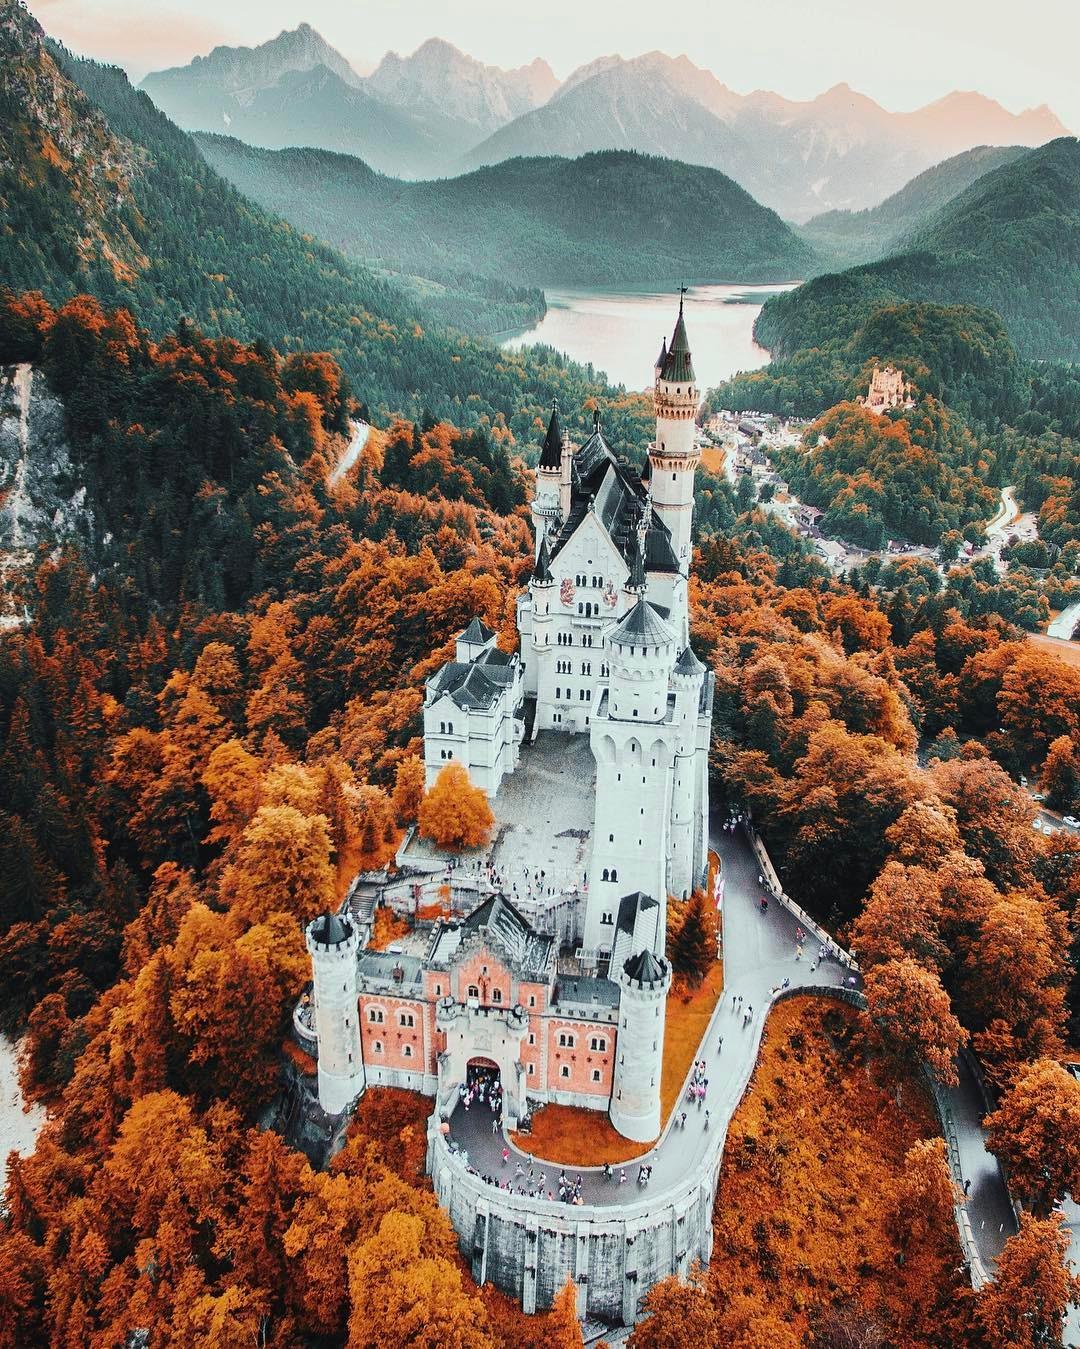 jacob castle